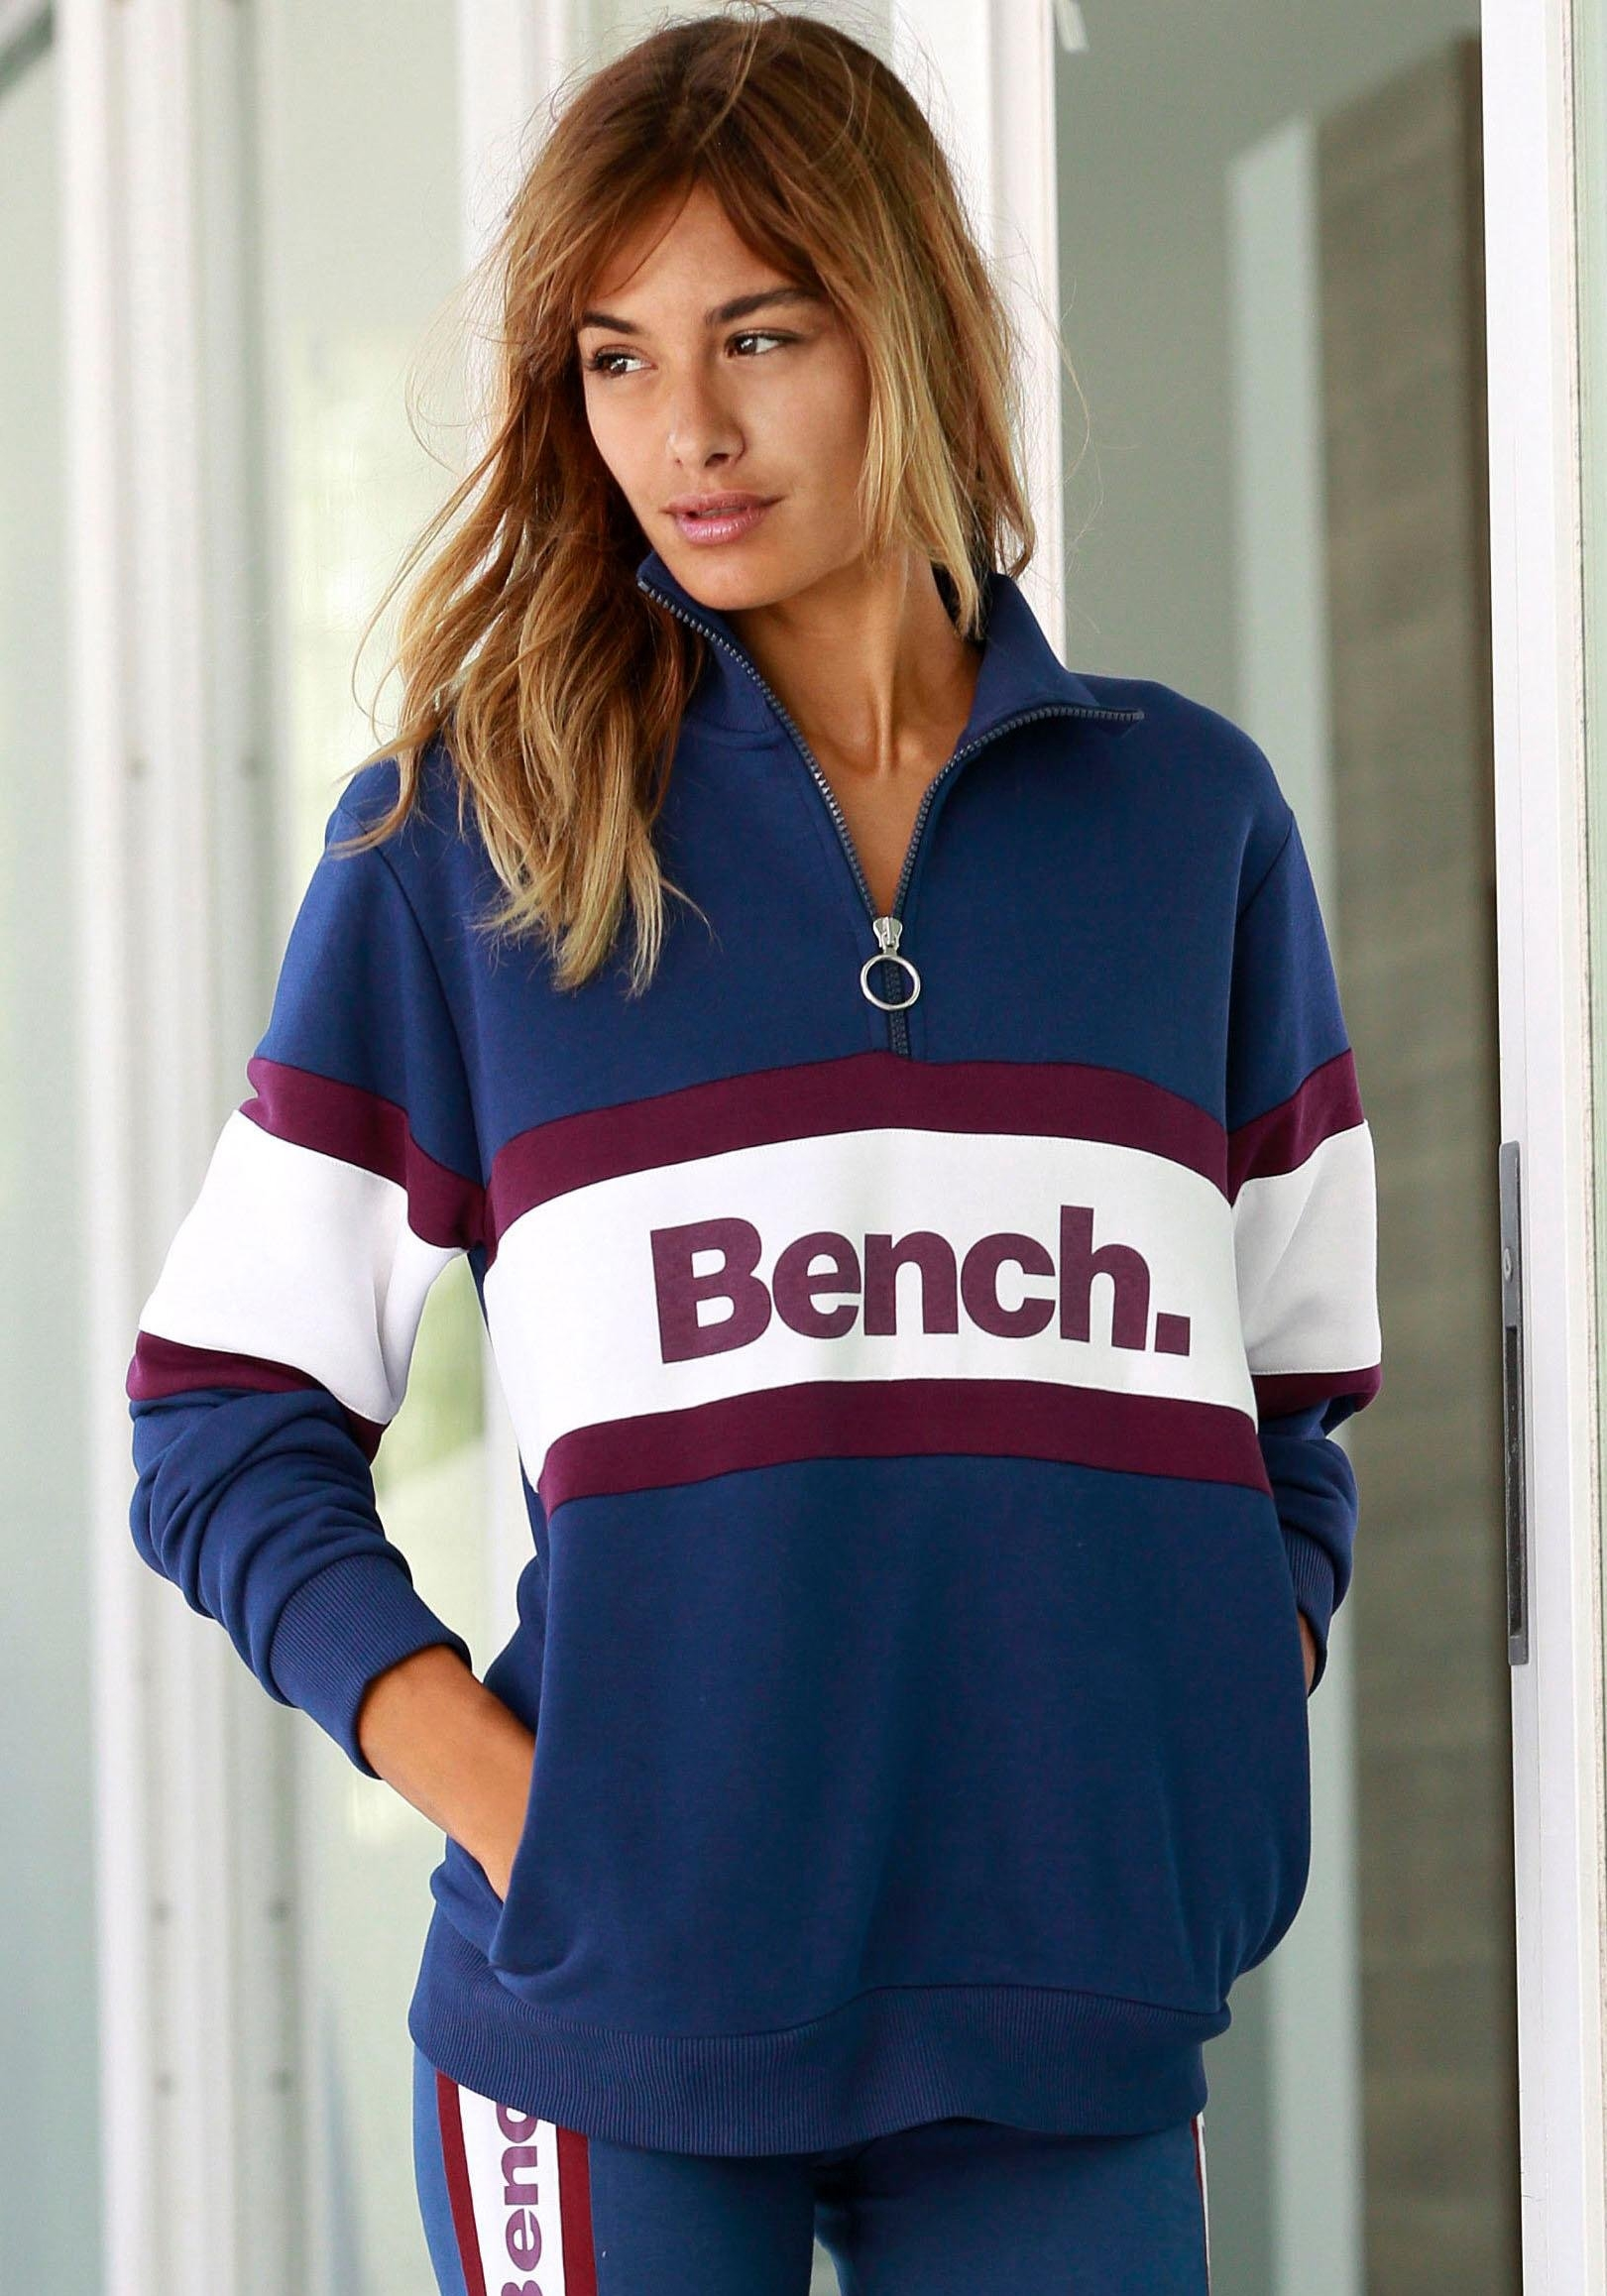 Bench. sweatshirt goedkoop op lascana.nl kopen